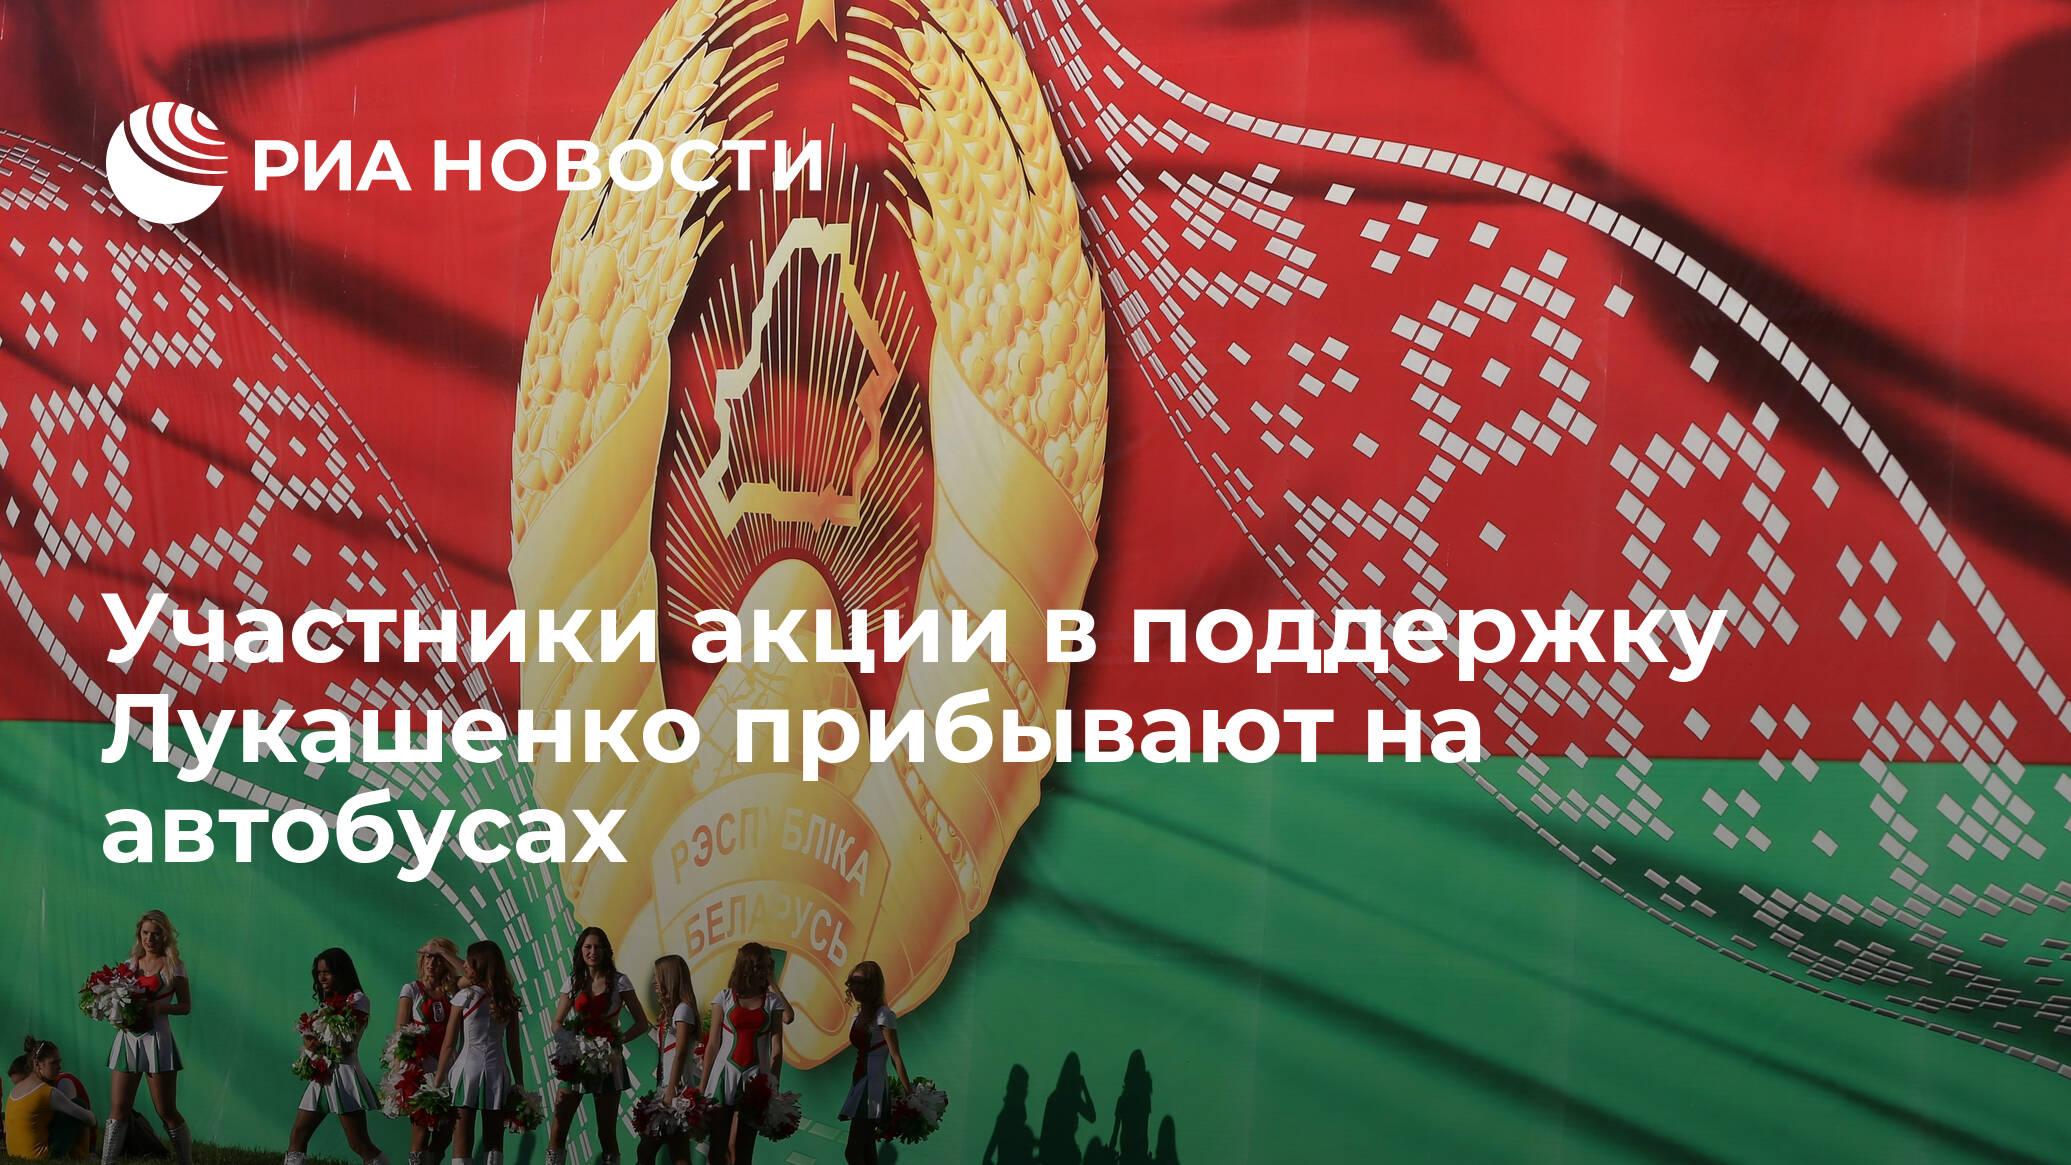 Участники акции в поддержку Лукашенко прибывают на автобусах